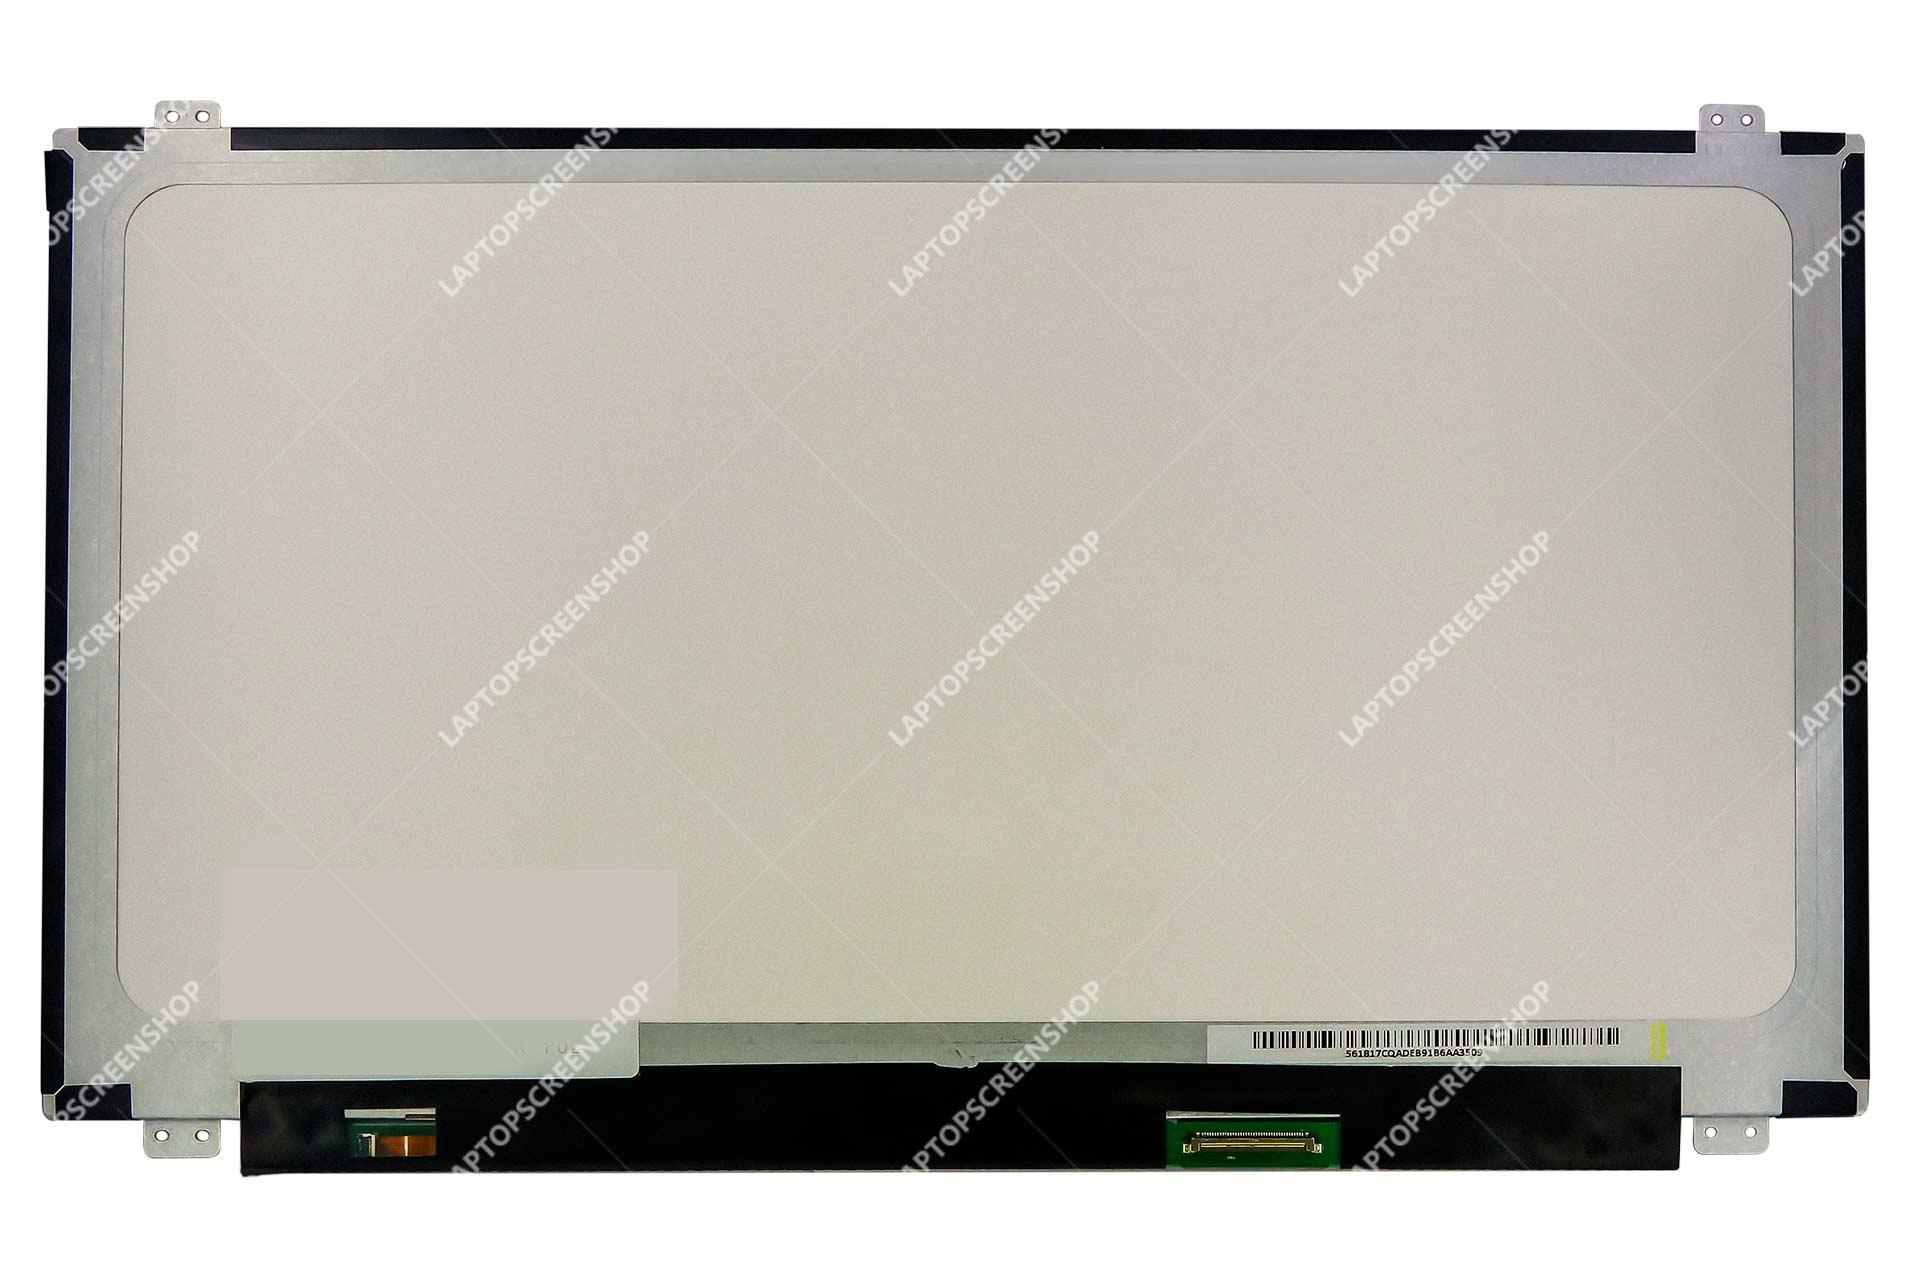 SONY-VAIO-SVS15111AJ-LCD  FHD فروشگاه لپ تاپ اسکرين   تعمير لپ تاپ